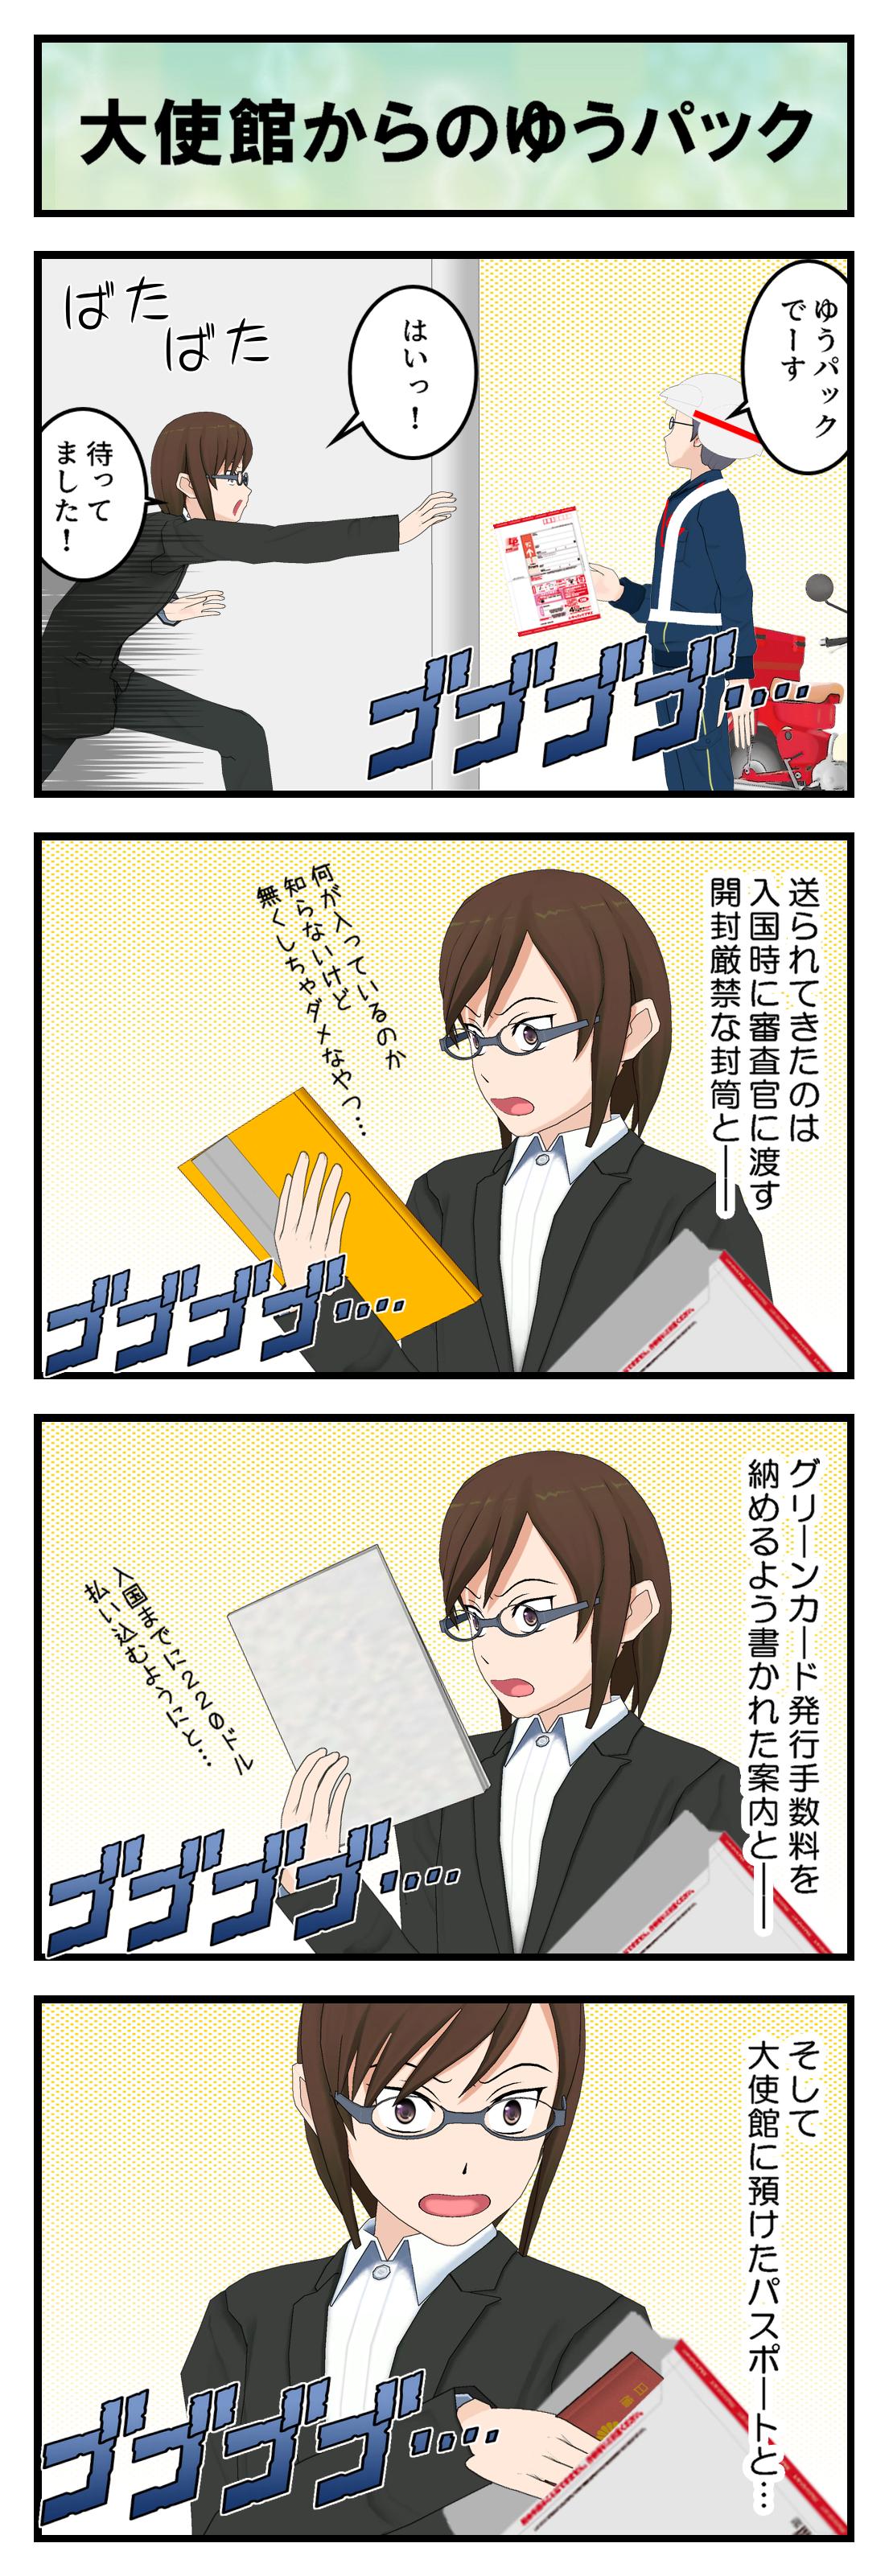 Q208_ゆうパック受取_001